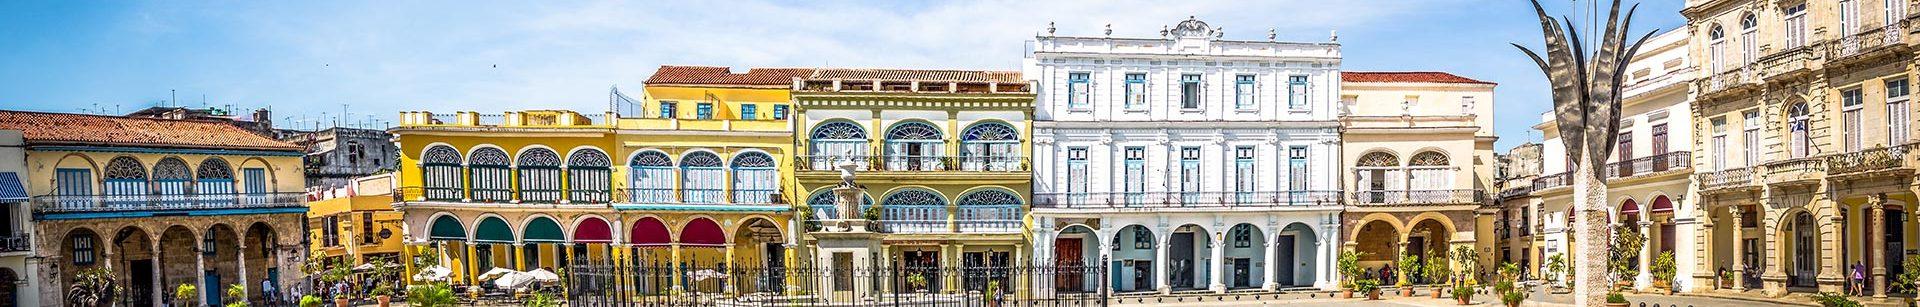 Minha experiência em Havana – Cuba - Miriam Accaoui